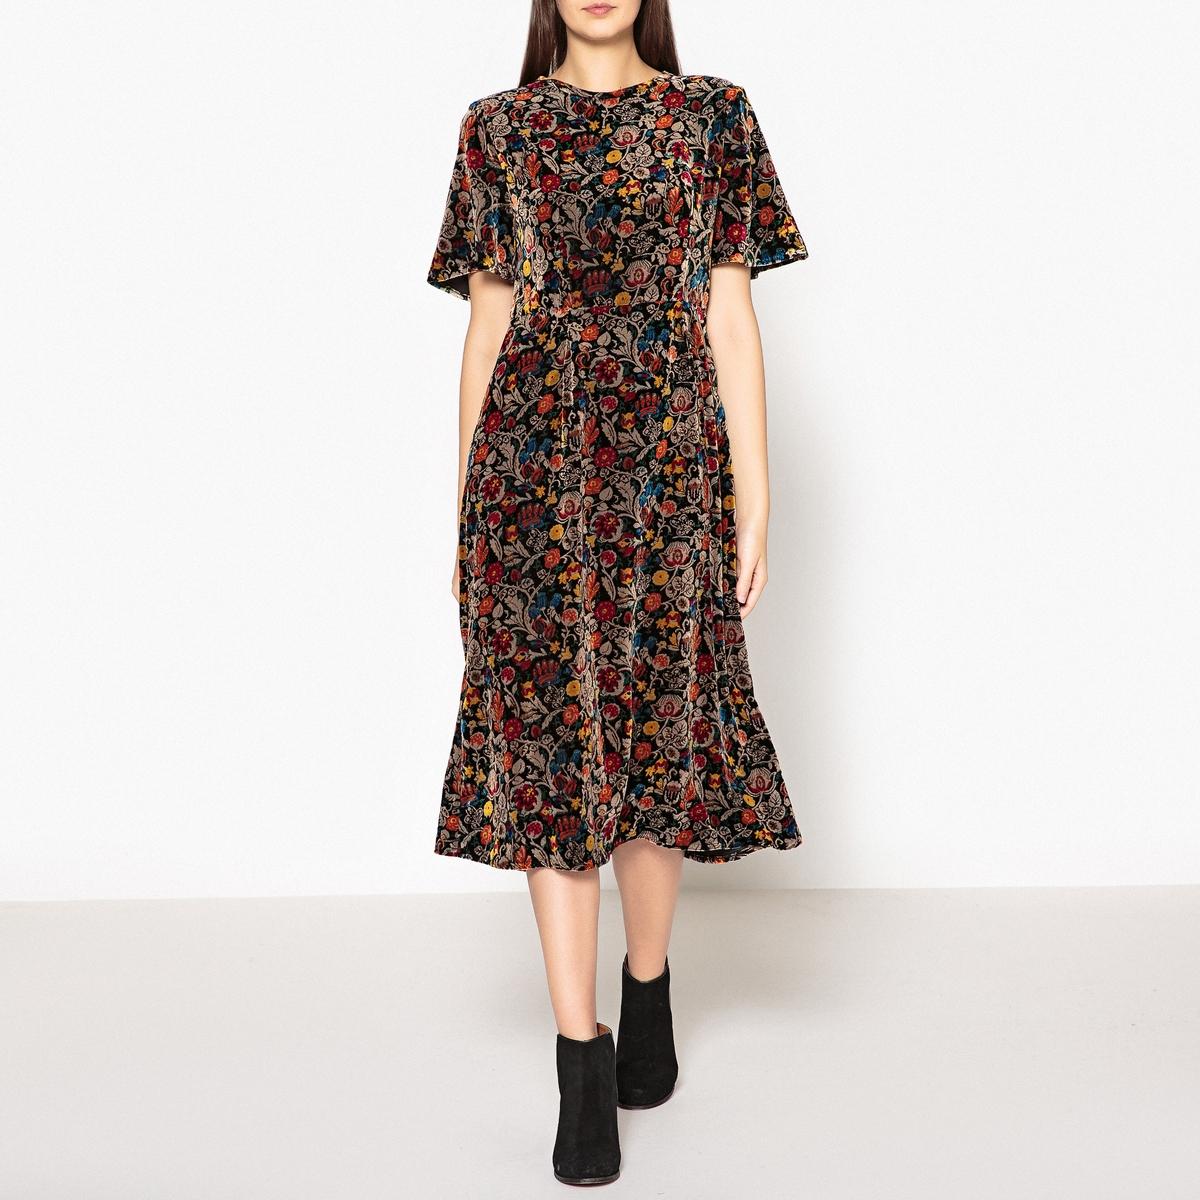 Платье с короткими рукавами из велюра ILLICO платье с короткими рукавами